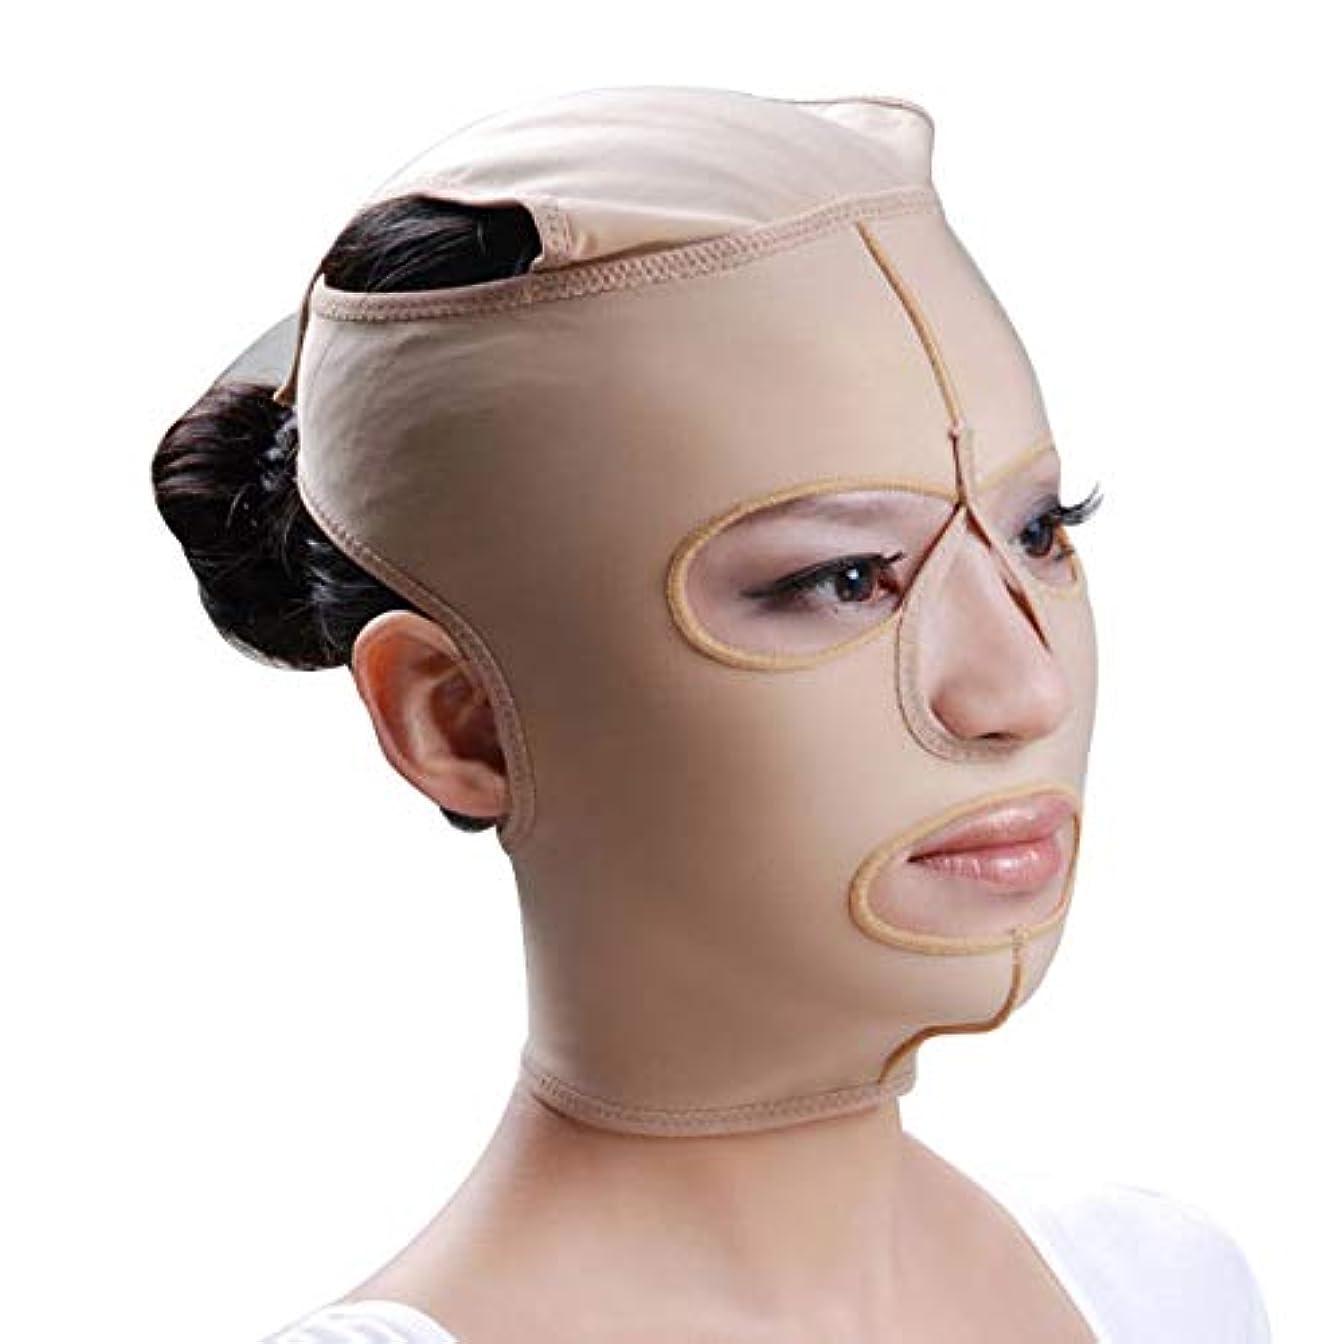 小さな満足できる出口GLJJQMY ファーミングマスクマスク弾性表面リフティングファーミングパターンマイクロフィニッシングモデリング圧縮マスク 顔用整形マスク (Size : S)